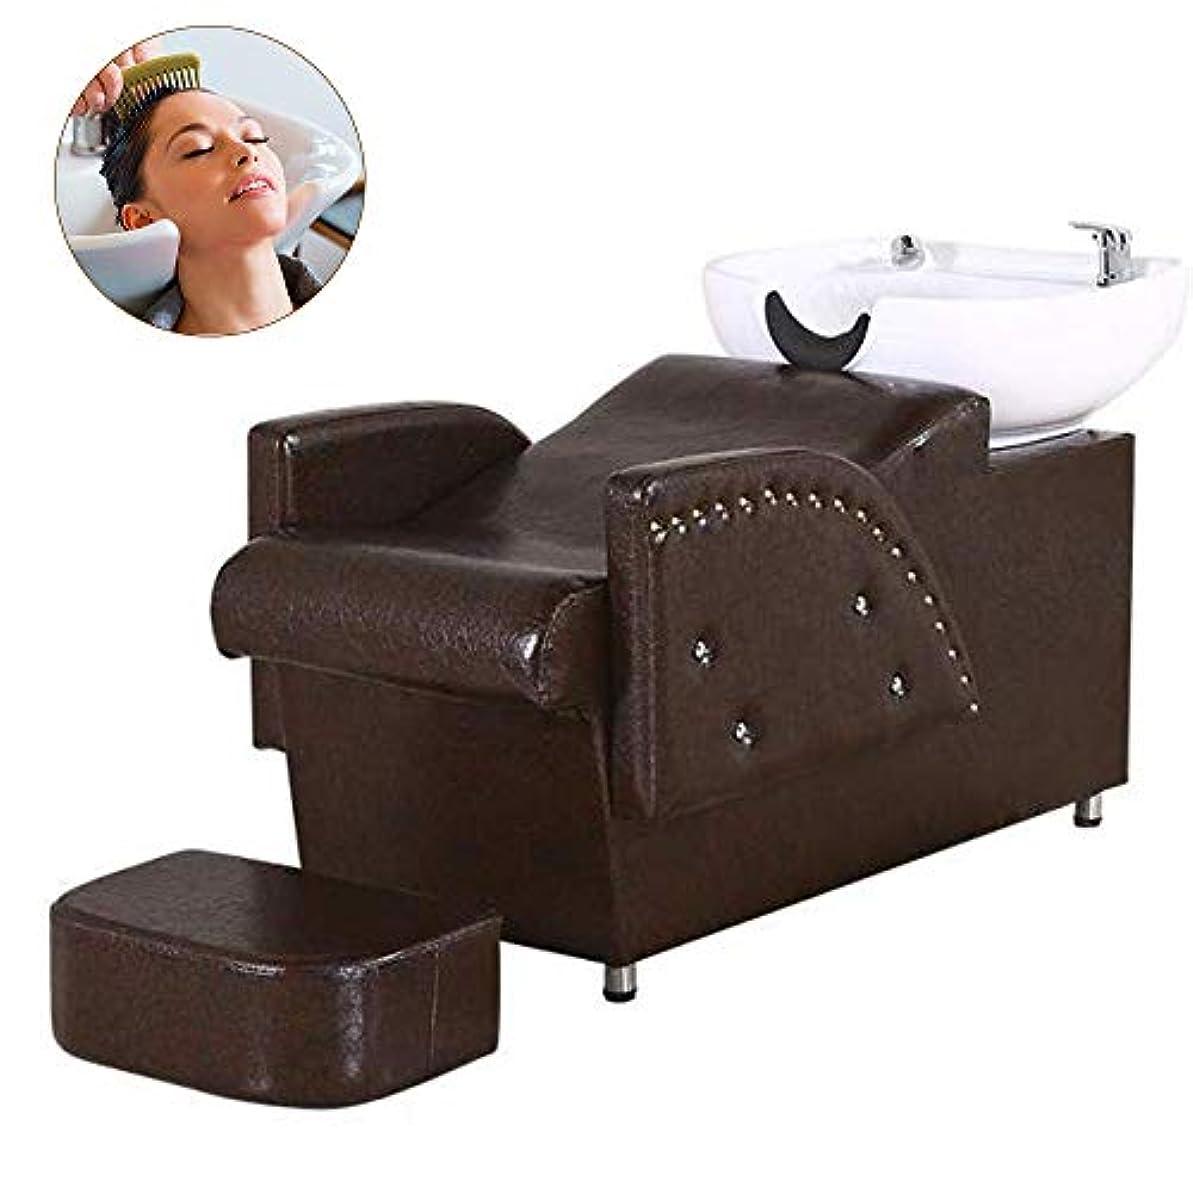 しわ簡潔な病んでいるシャンプーチェア、逆洗ユニットシャンプーボウル理髪シンクチェアスパ美容サロン機器シャンプーベッド